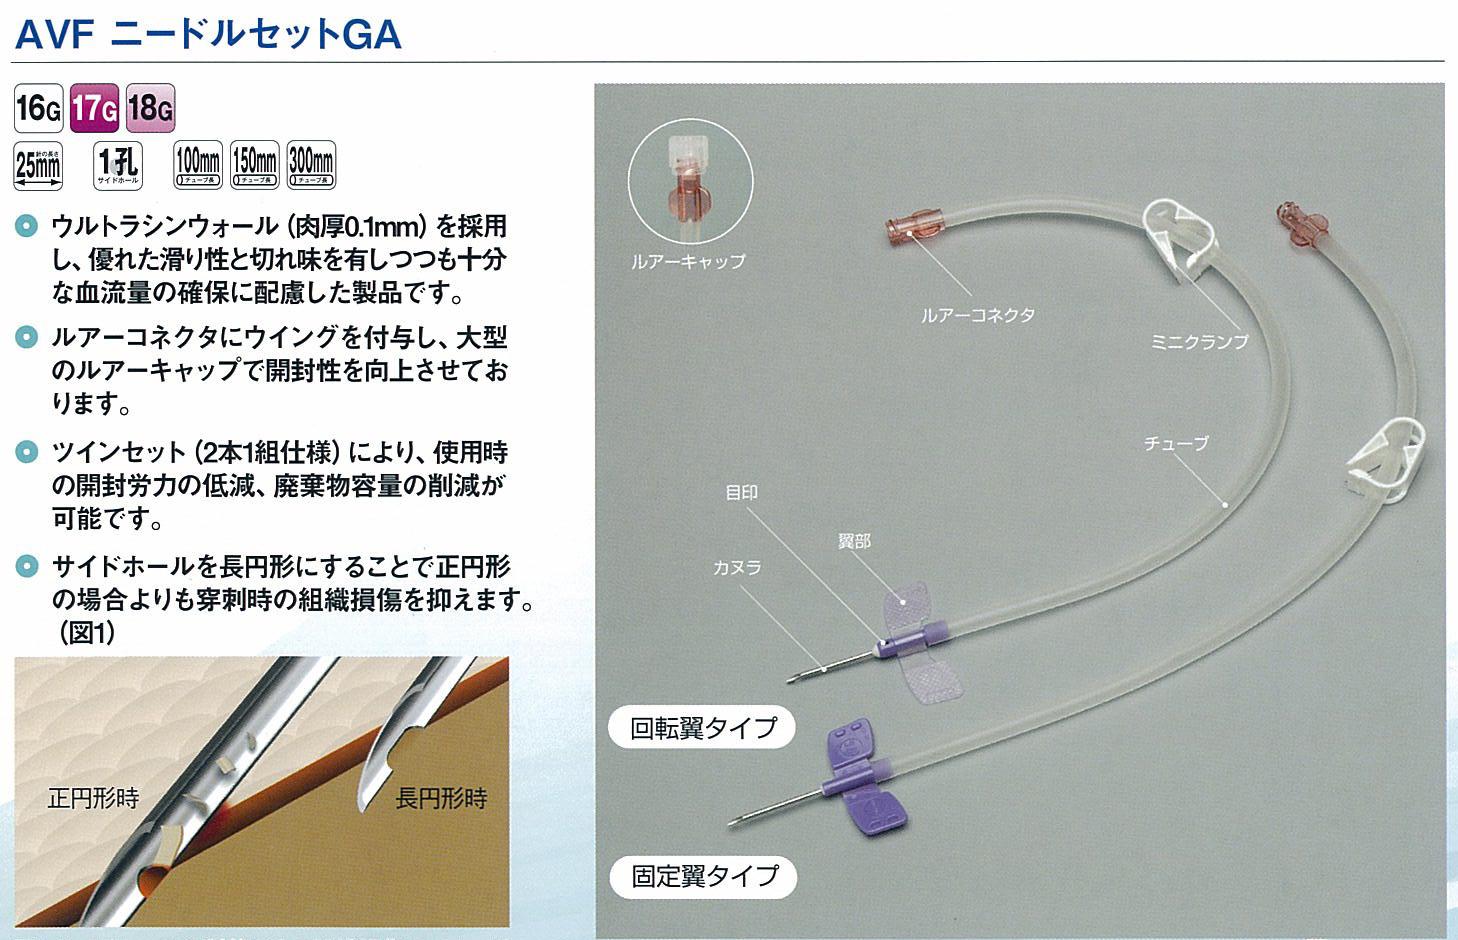 【送料無料】 医療機器 セーフタッチAVFニードルセットGA 18G 68-961 ニプロ